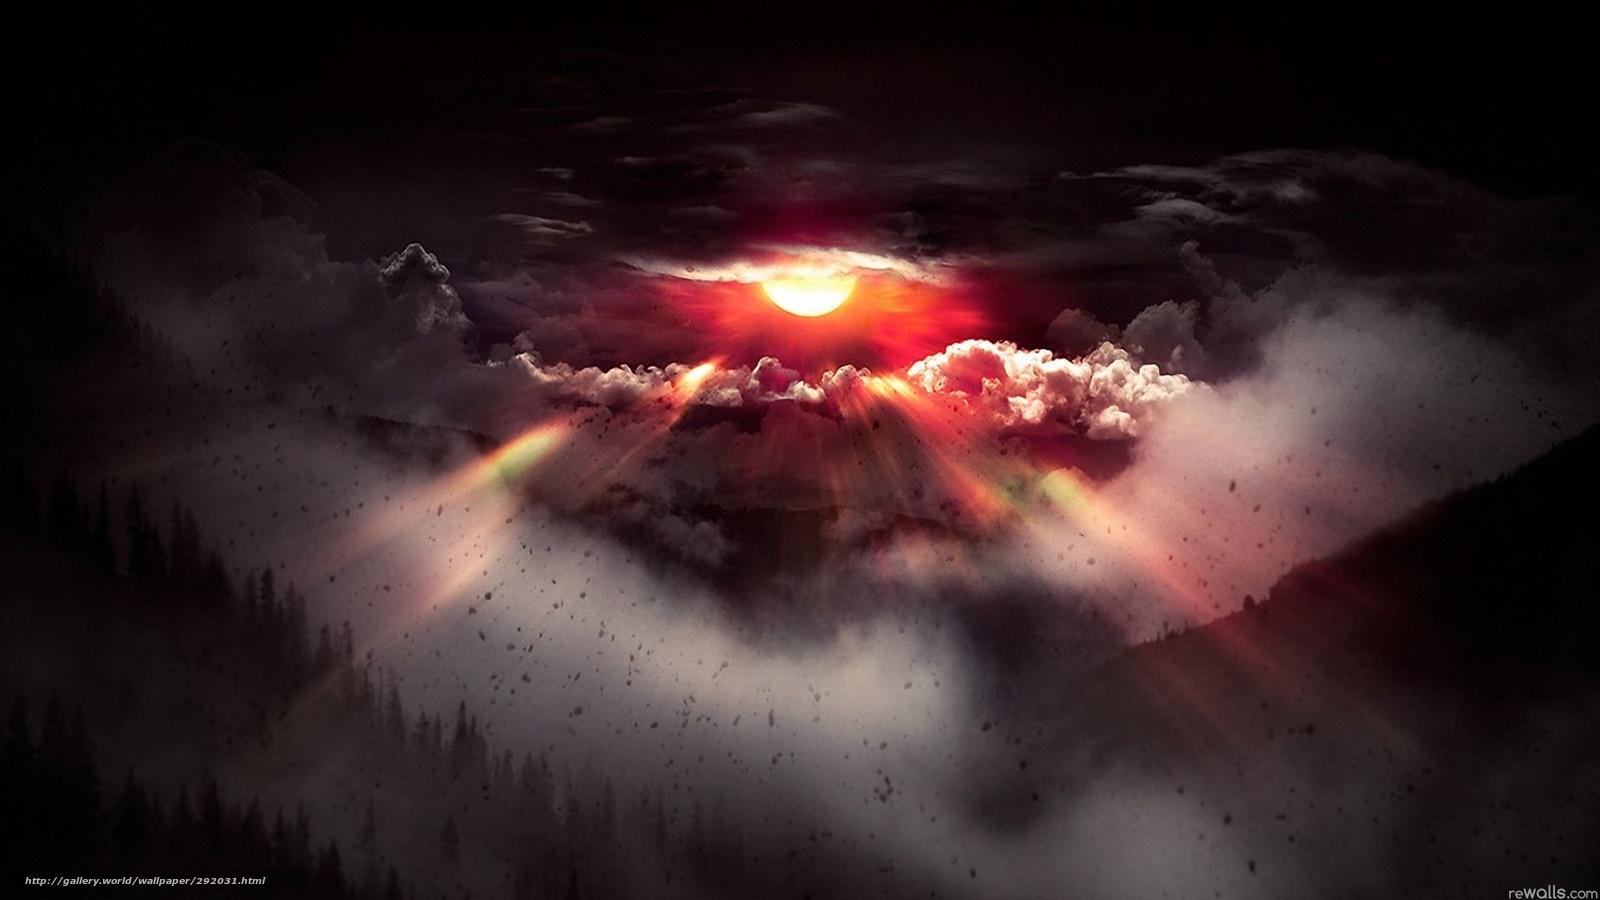 Потом вдруг как совсем другой сон: в остальных же случаях следует учесть нюансы сновидения, чтобы его растолковать.